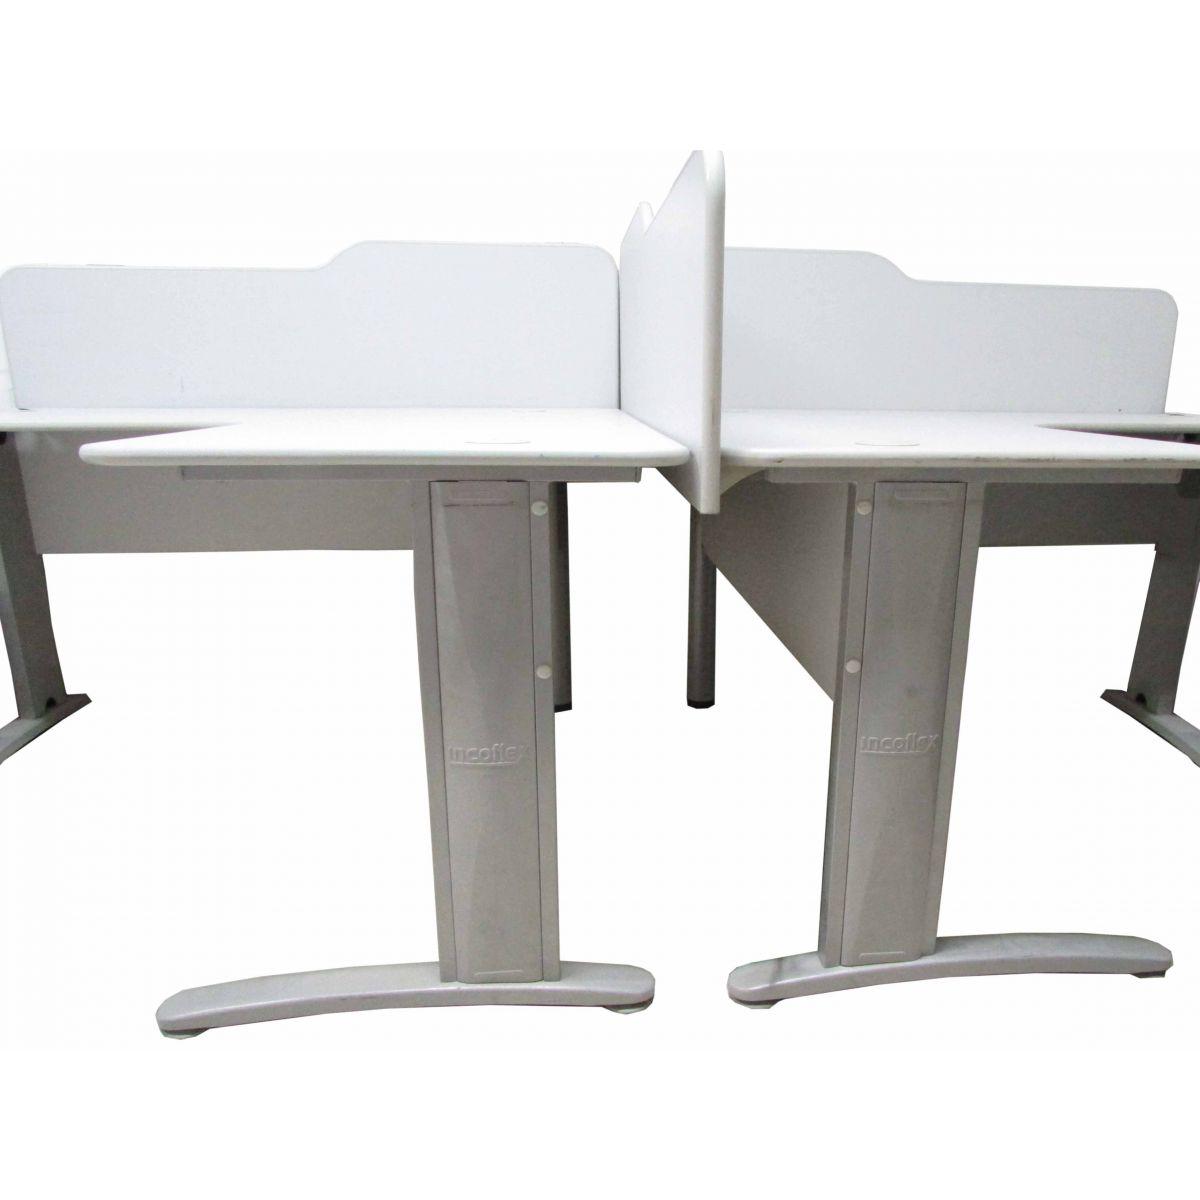 Mesa estação de trabalho Semi nova Incoflex  1,30 x 1,30 mt Duas unidades